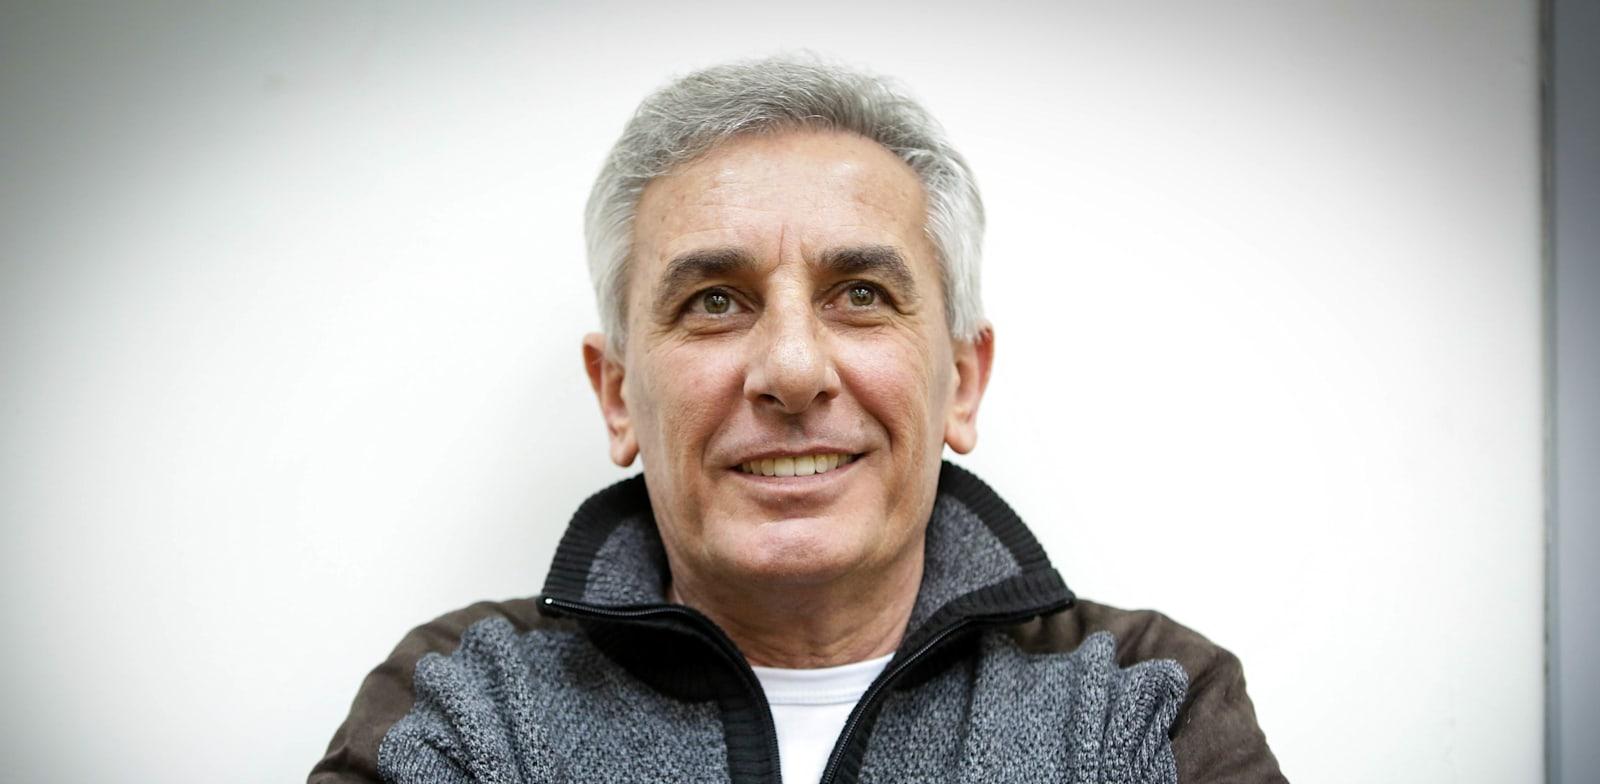 יהודה בן חמו, ראש עיריית כפר סבא לשעבר / צילום: שלומי יוסף